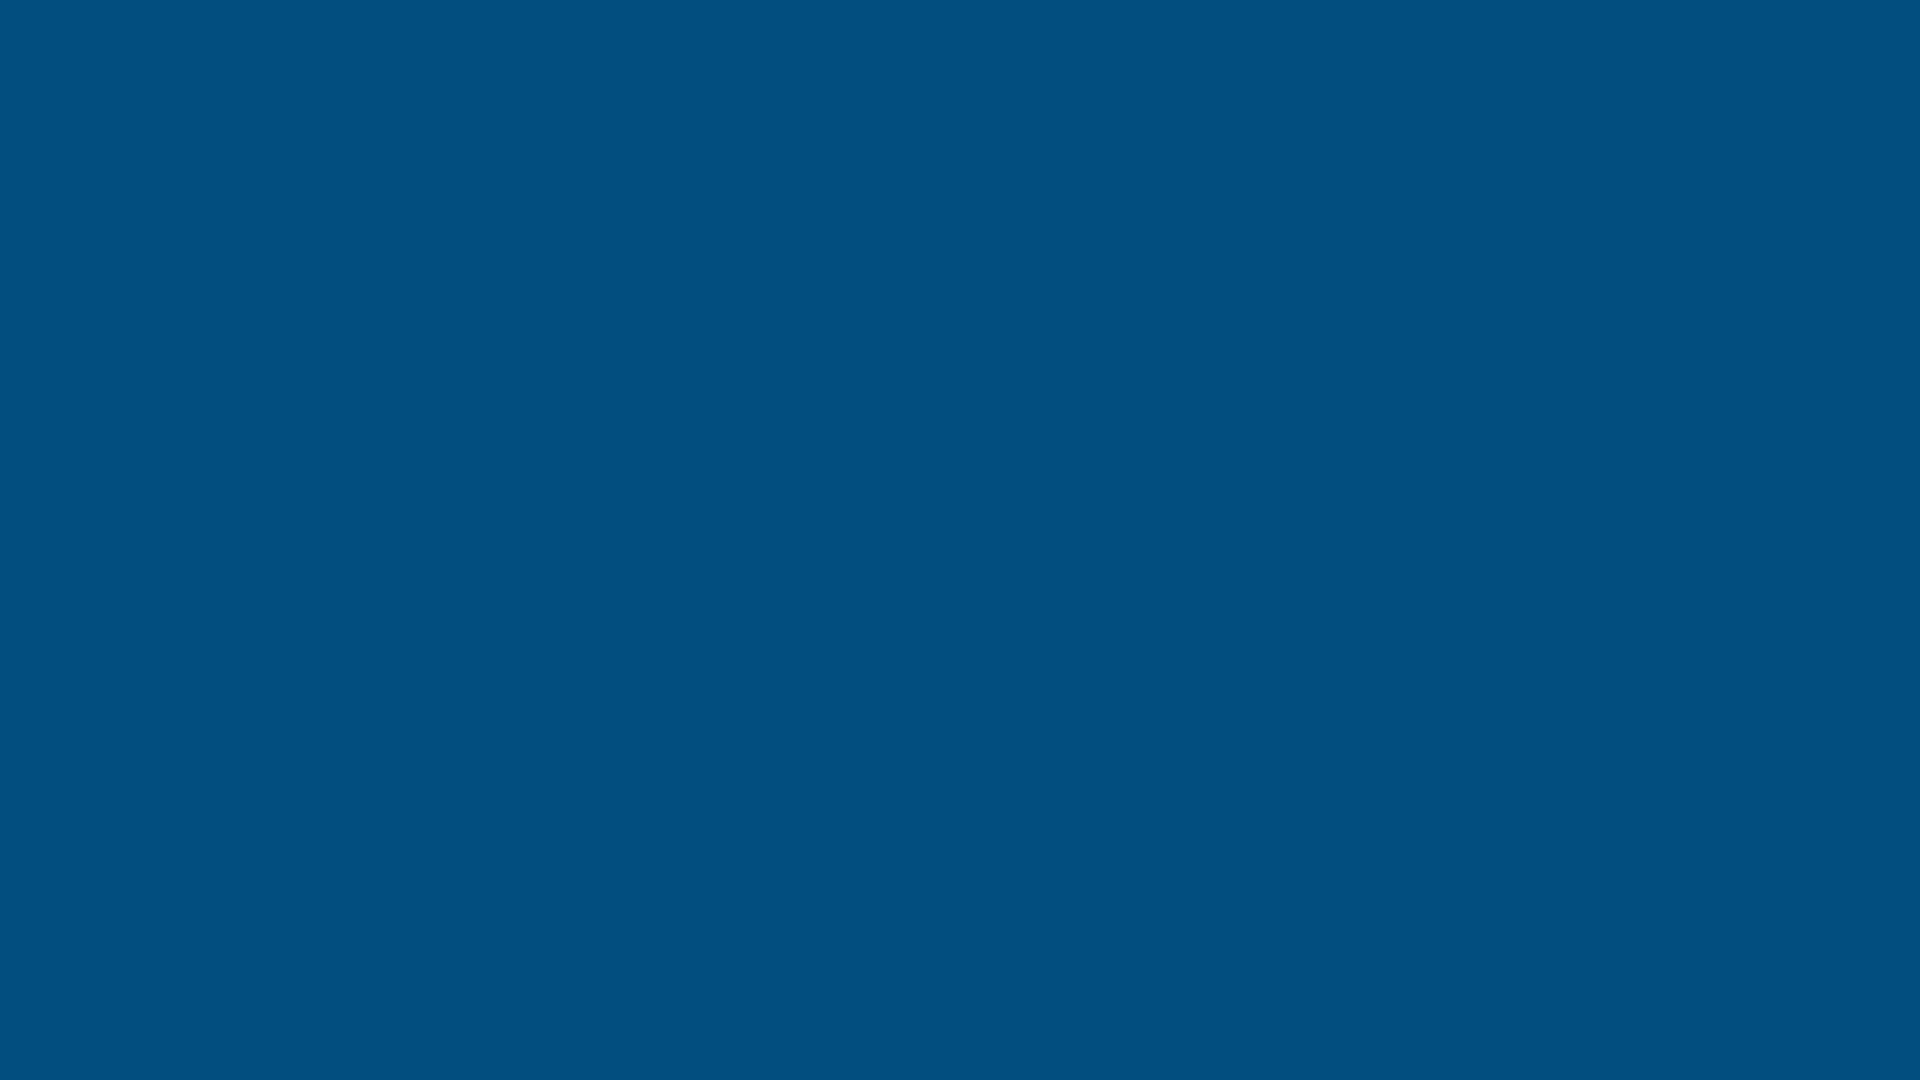 SMS Deurtechniek - RAL 5010 - gentiaanblauw